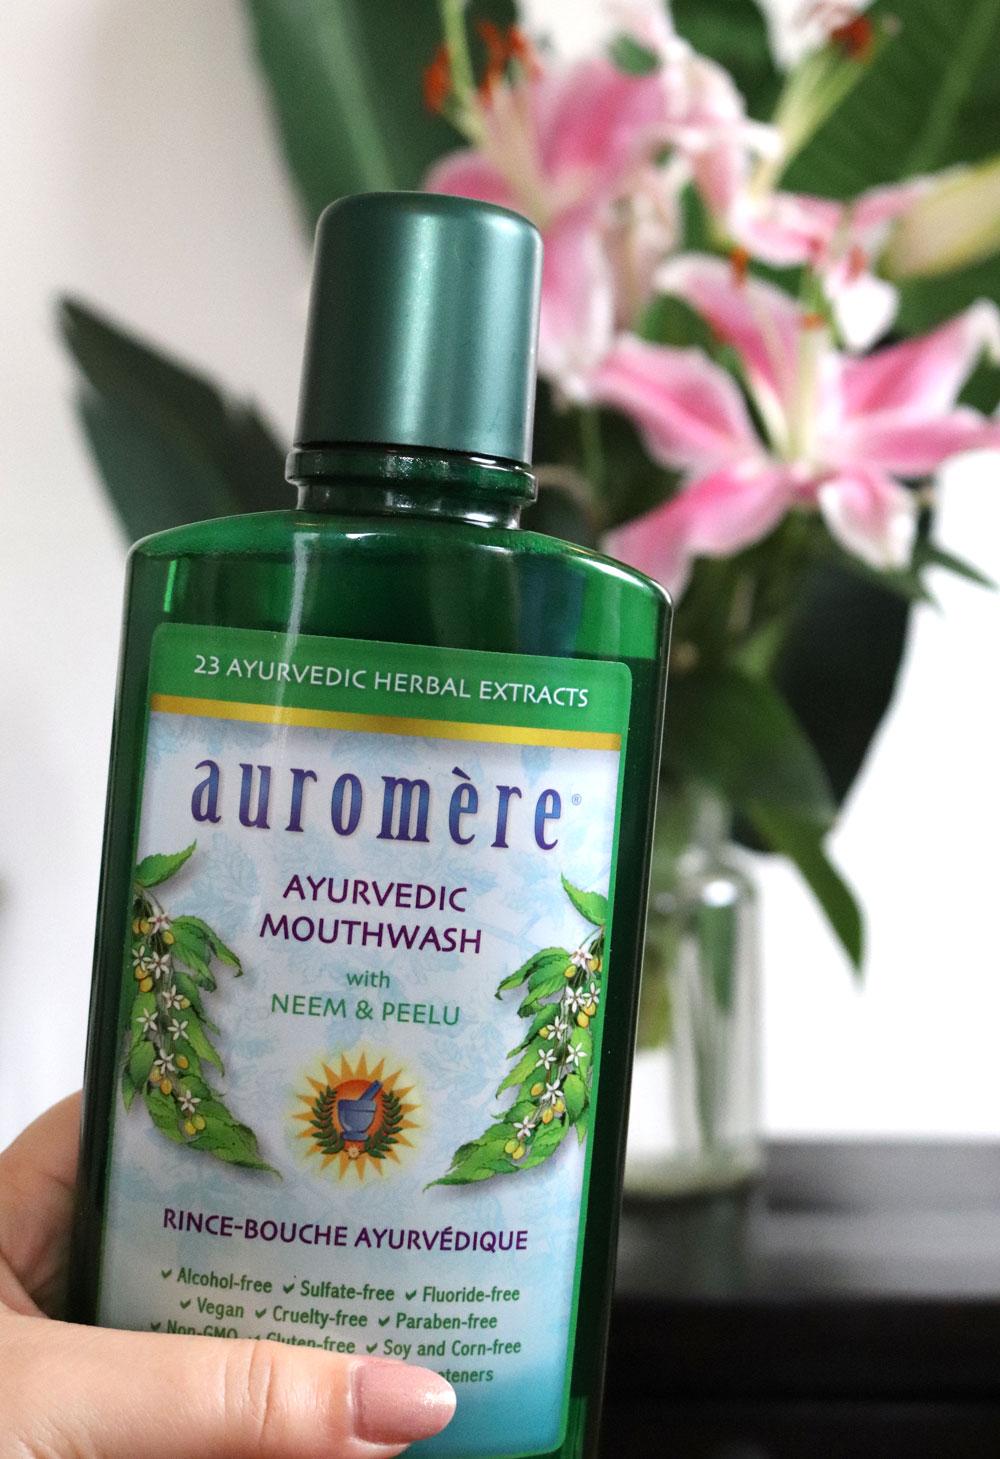 Auromere Ayurvedic Mouthwash at iHerb